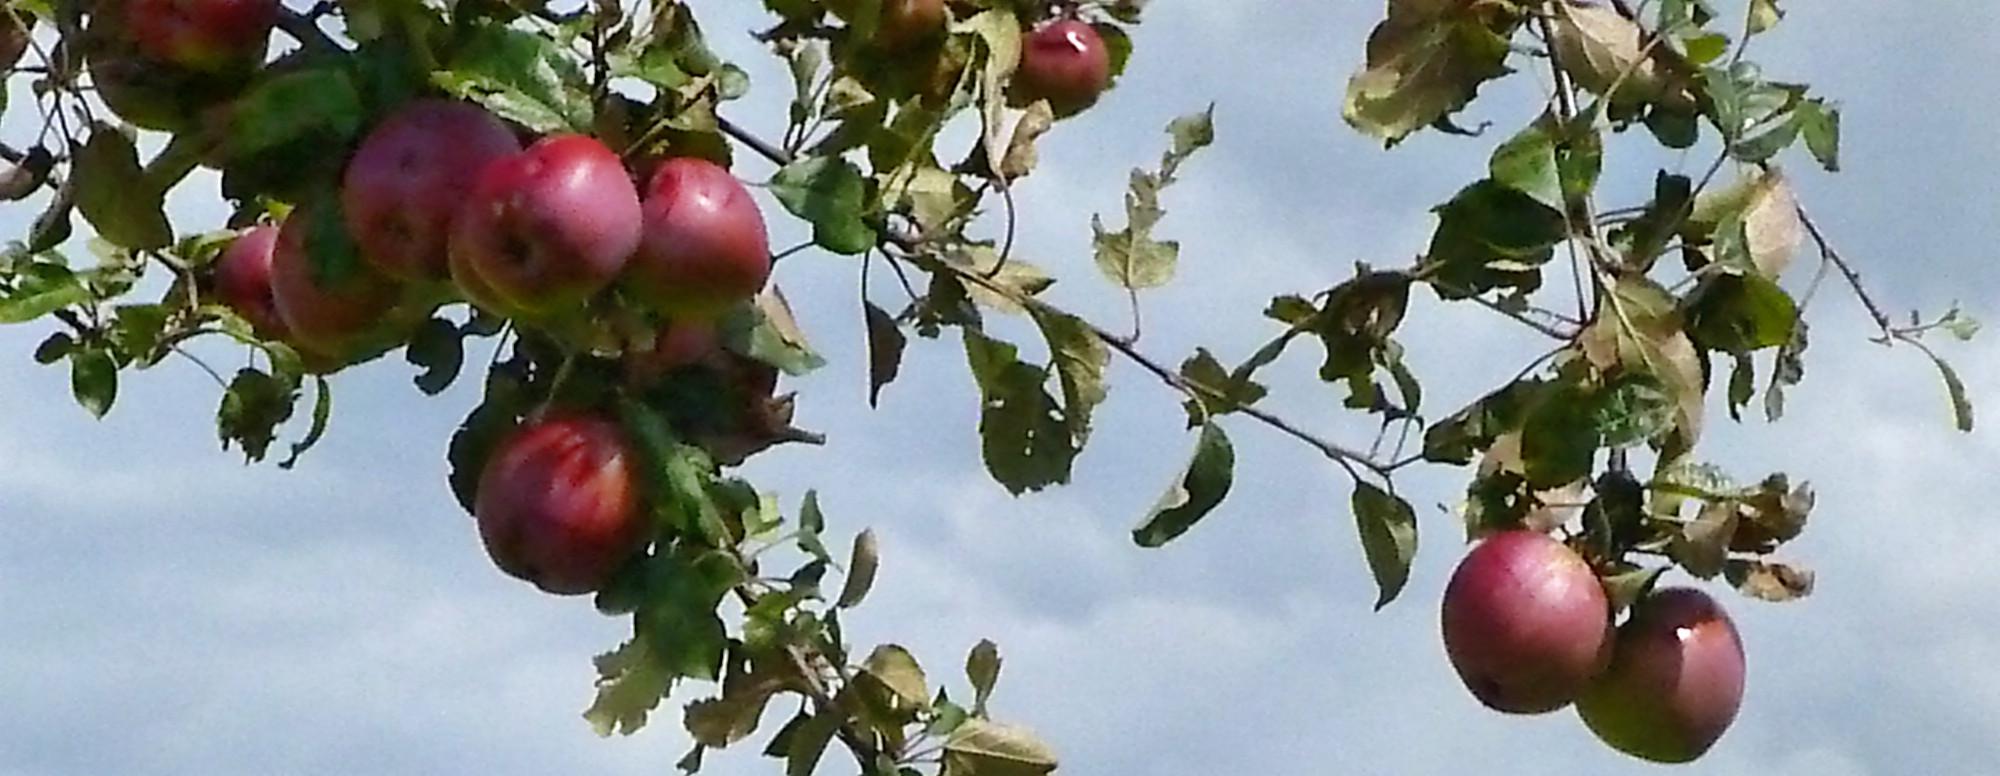 Obst vom Wegesrand-17.8.14   (10)